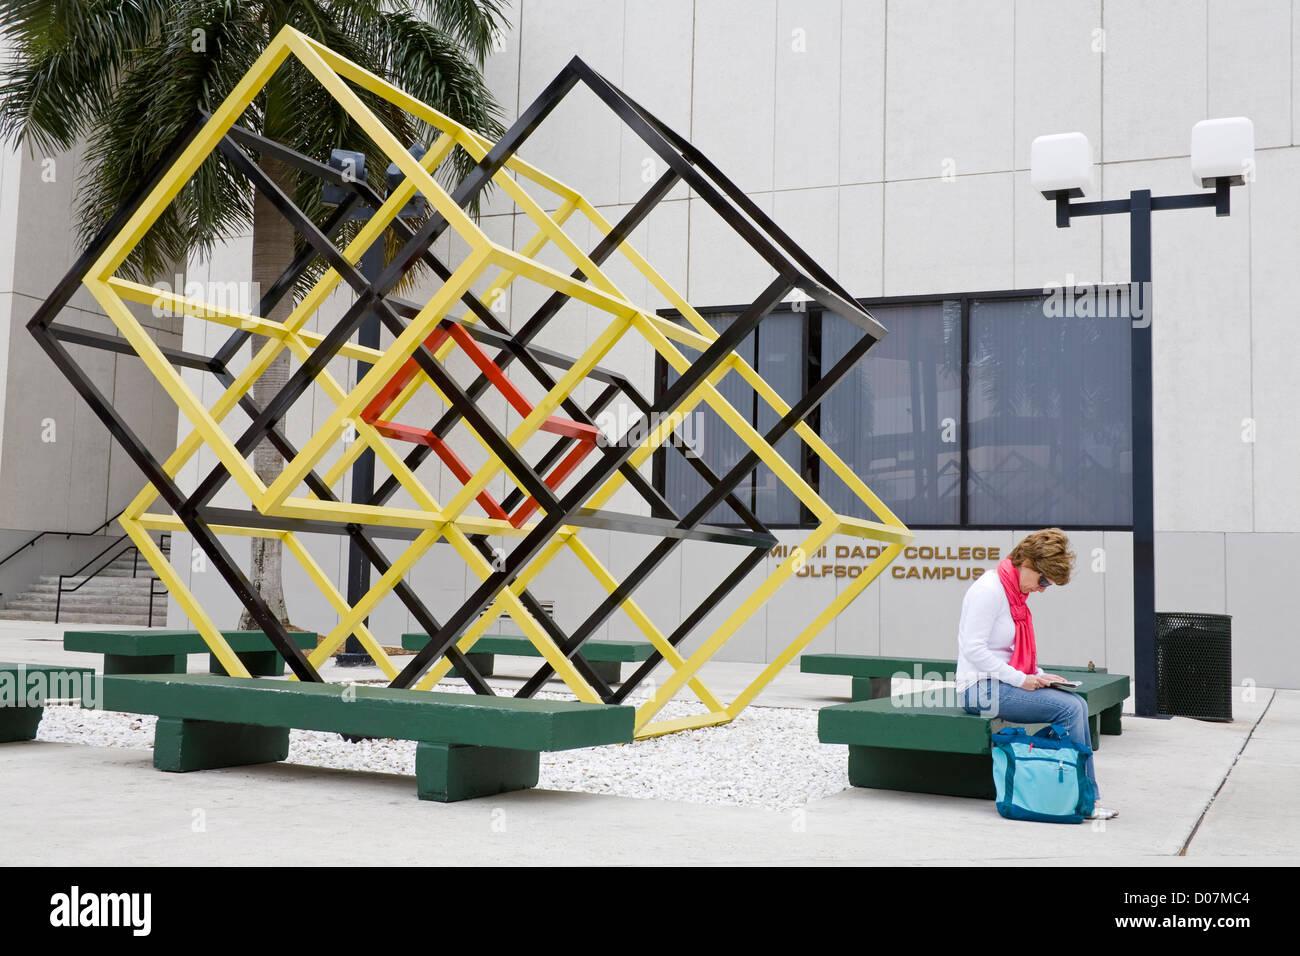 Wolfson Campus, Miami Dade College, Miami, Florida, USA - Stock Image